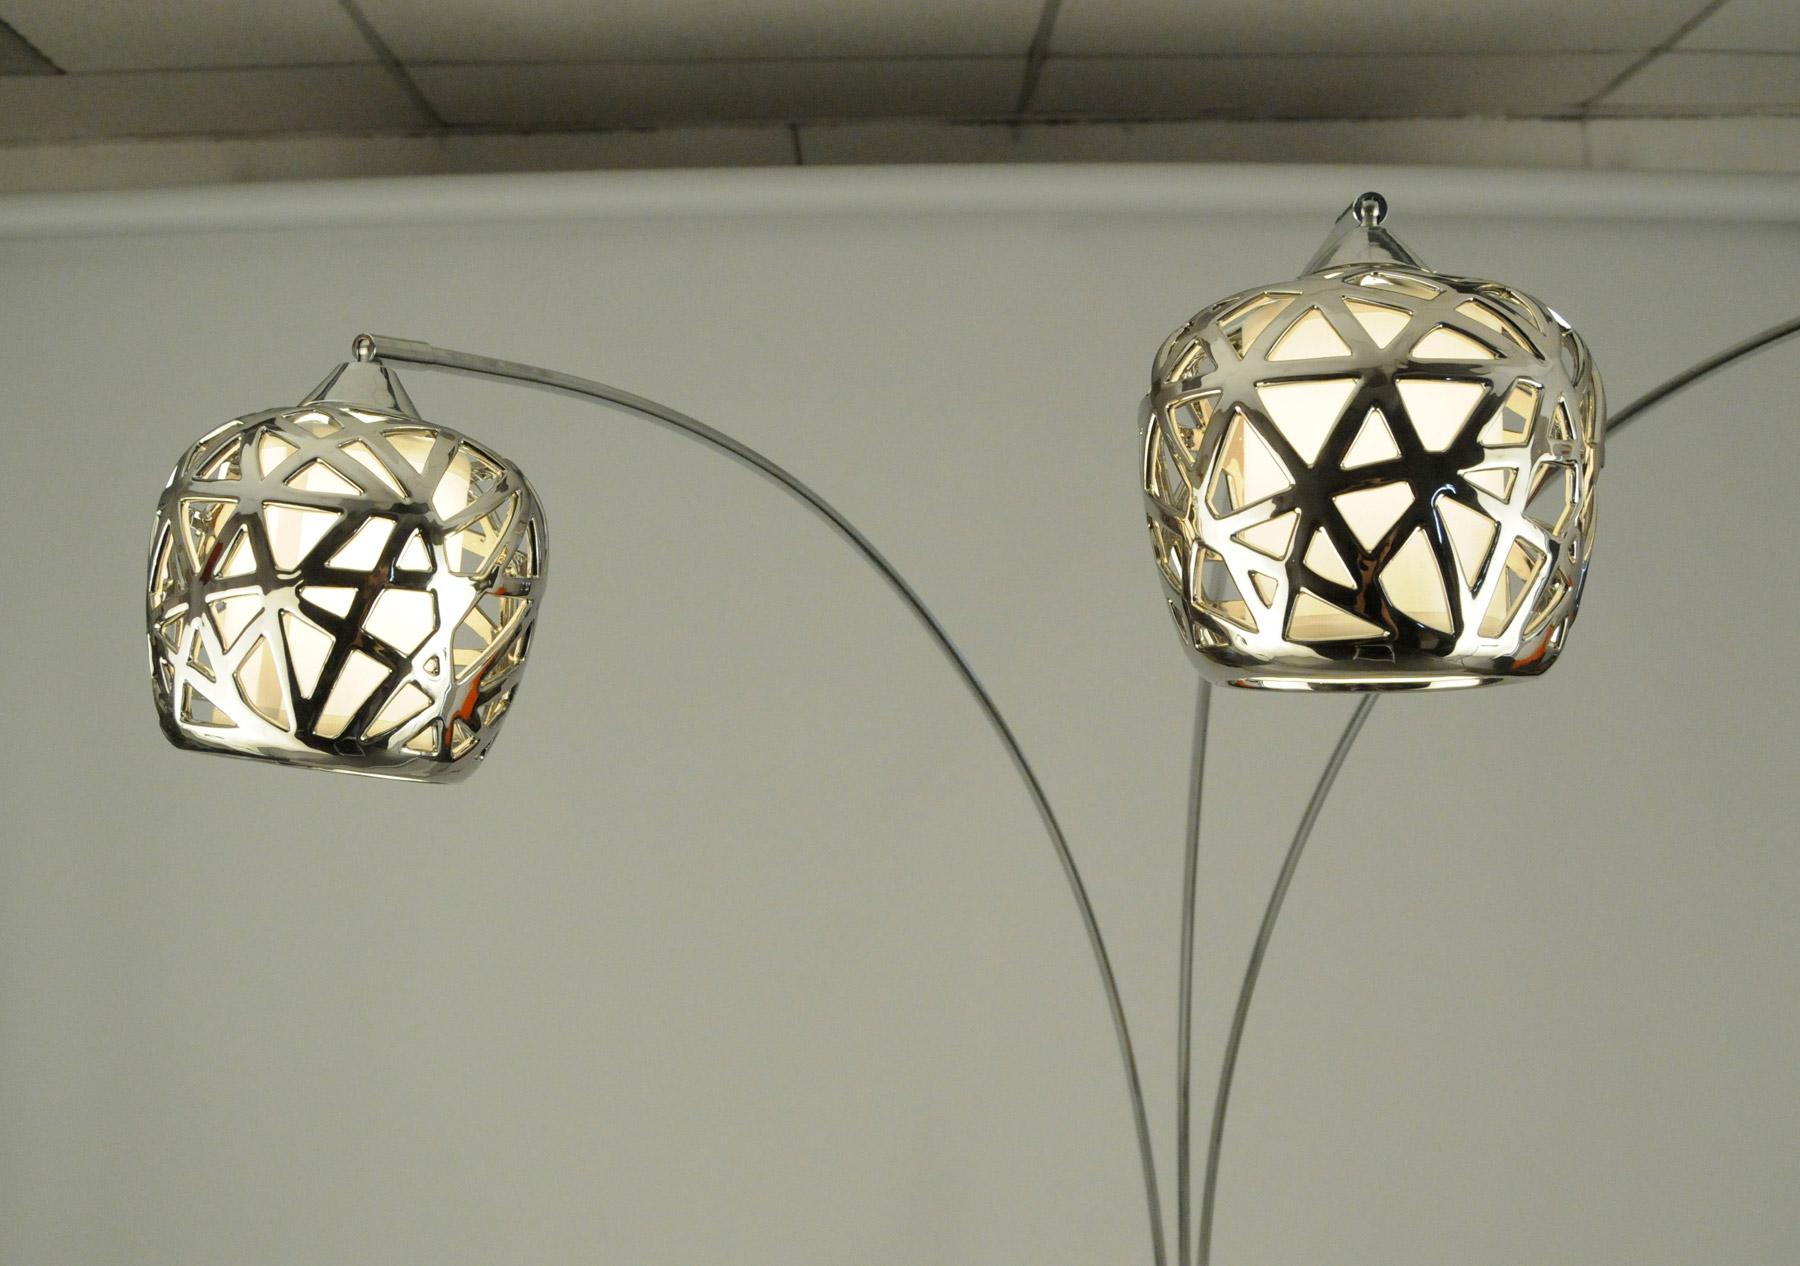 bue-gulv-lampe-ikea-derefter-bue-gulv-lampe-glas-skygge-hele-bue-gulv-lampe